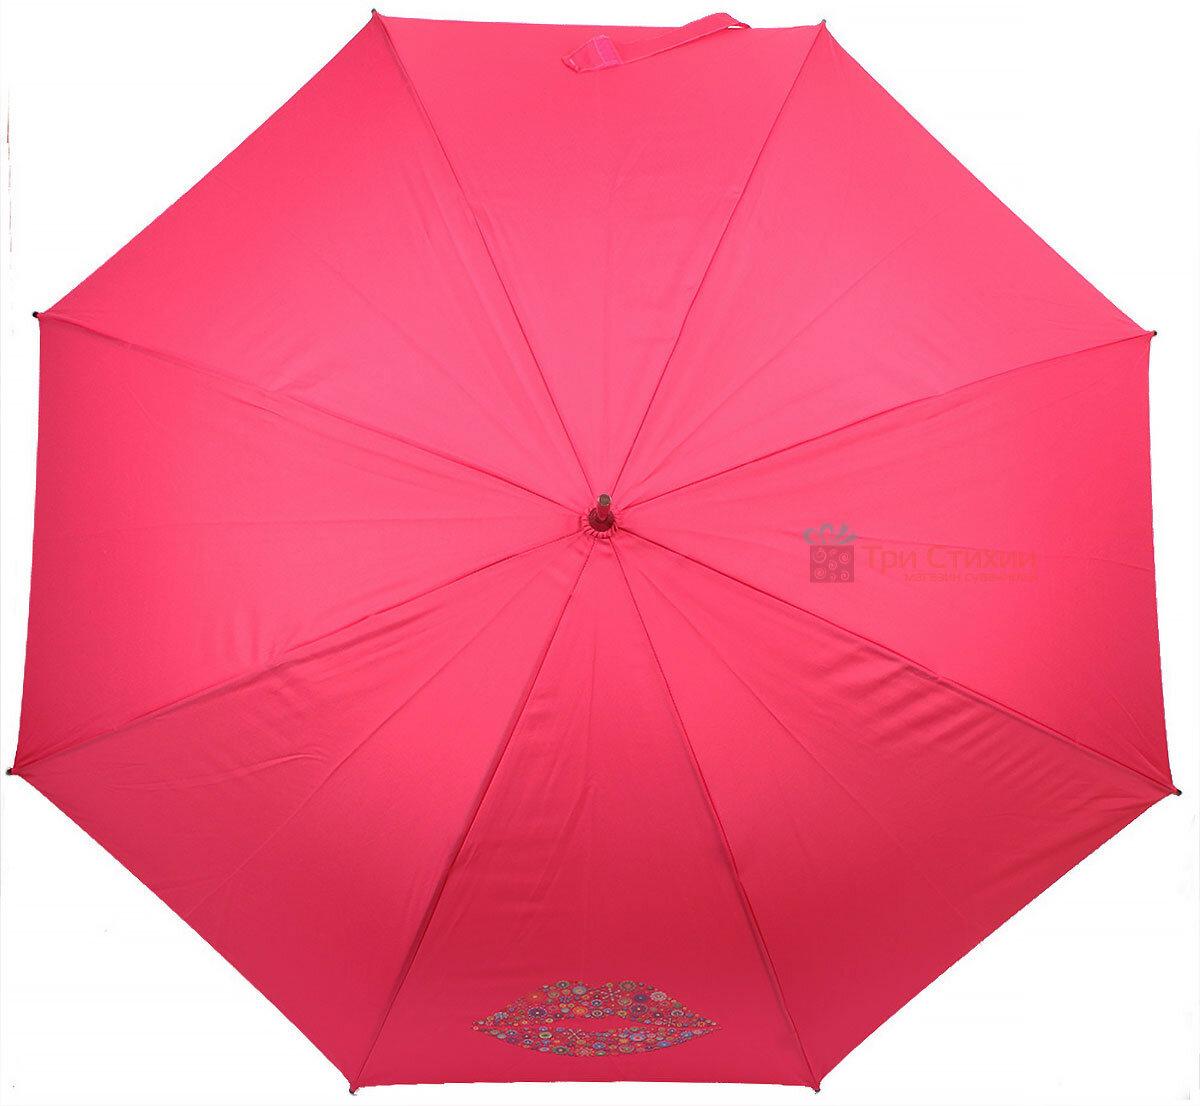 Зонт-трость Doppler полуавтомат 740765Кiss-1 Красный, Цвет: Красный, фото 2